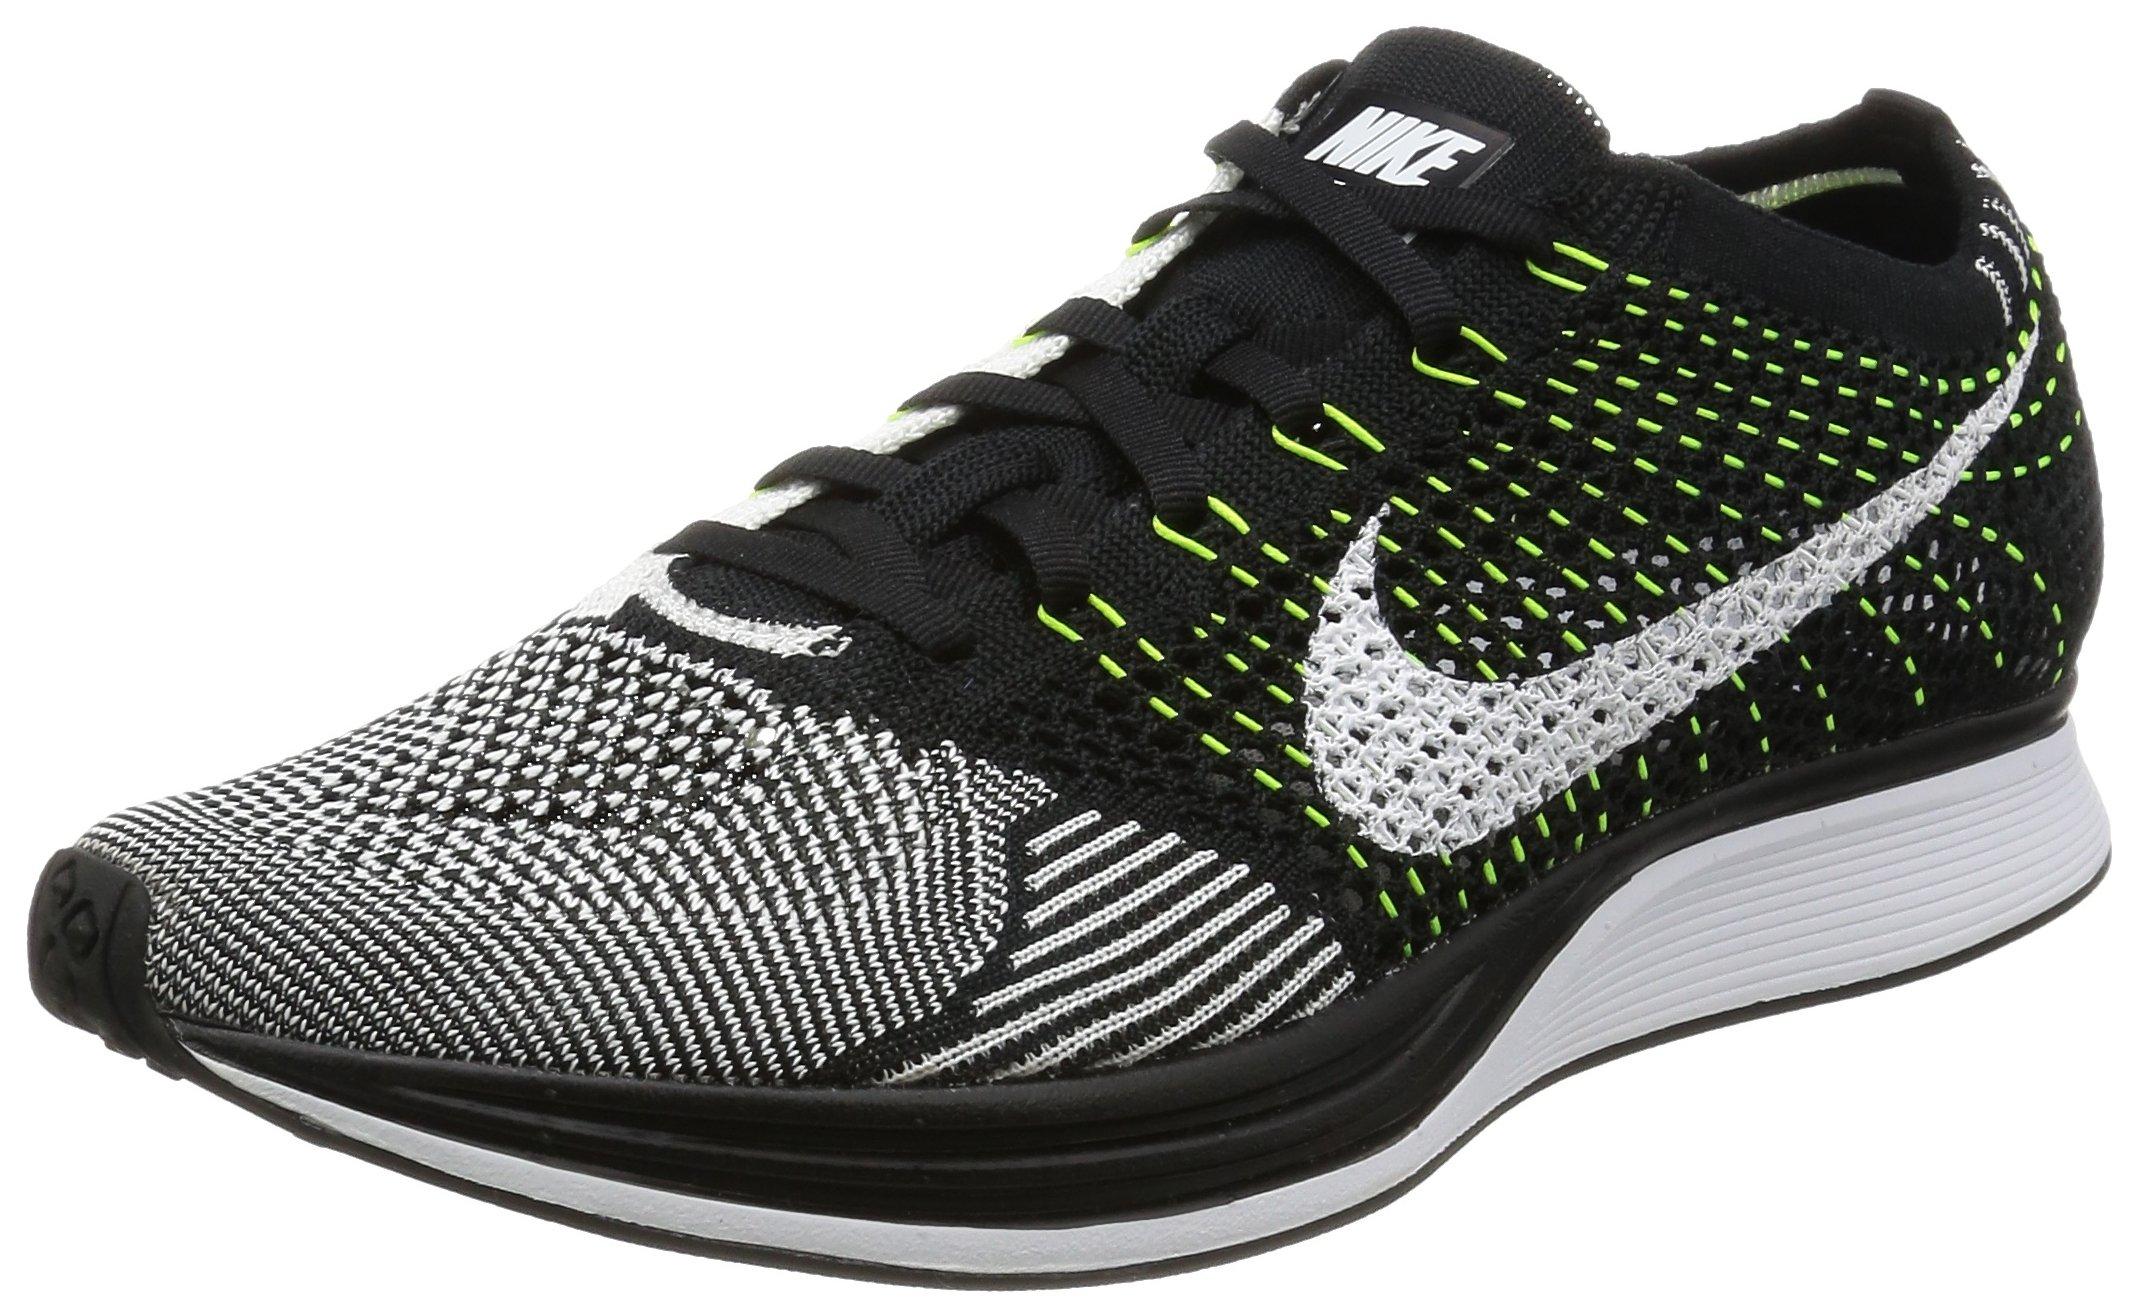 5325c0f01294 Galleon - Nike Flyknit Racer Men s Sneaker (11.5 D(M) US